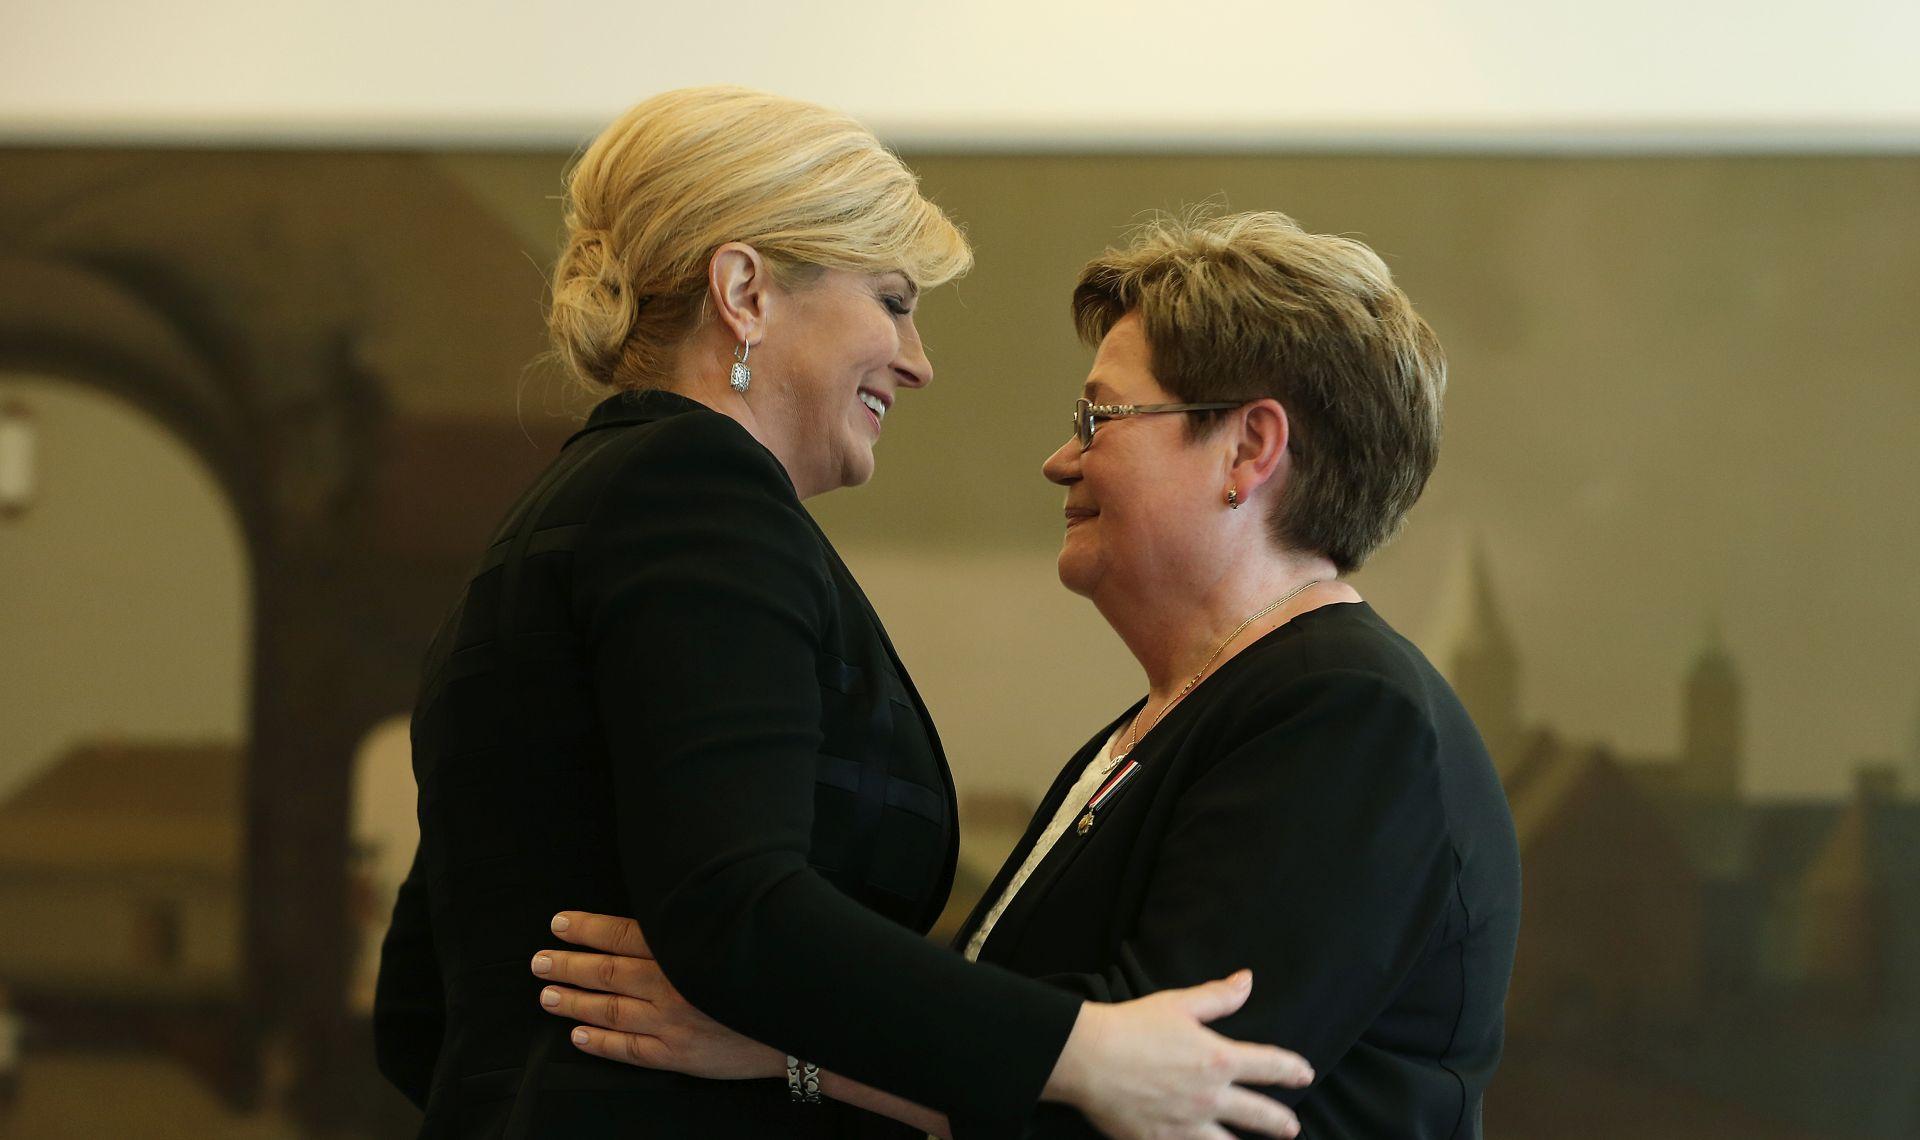 Predsjednica Republike odlikovala Irenu Kačić, majku najmlađe žrtve pokolja na Ovčari